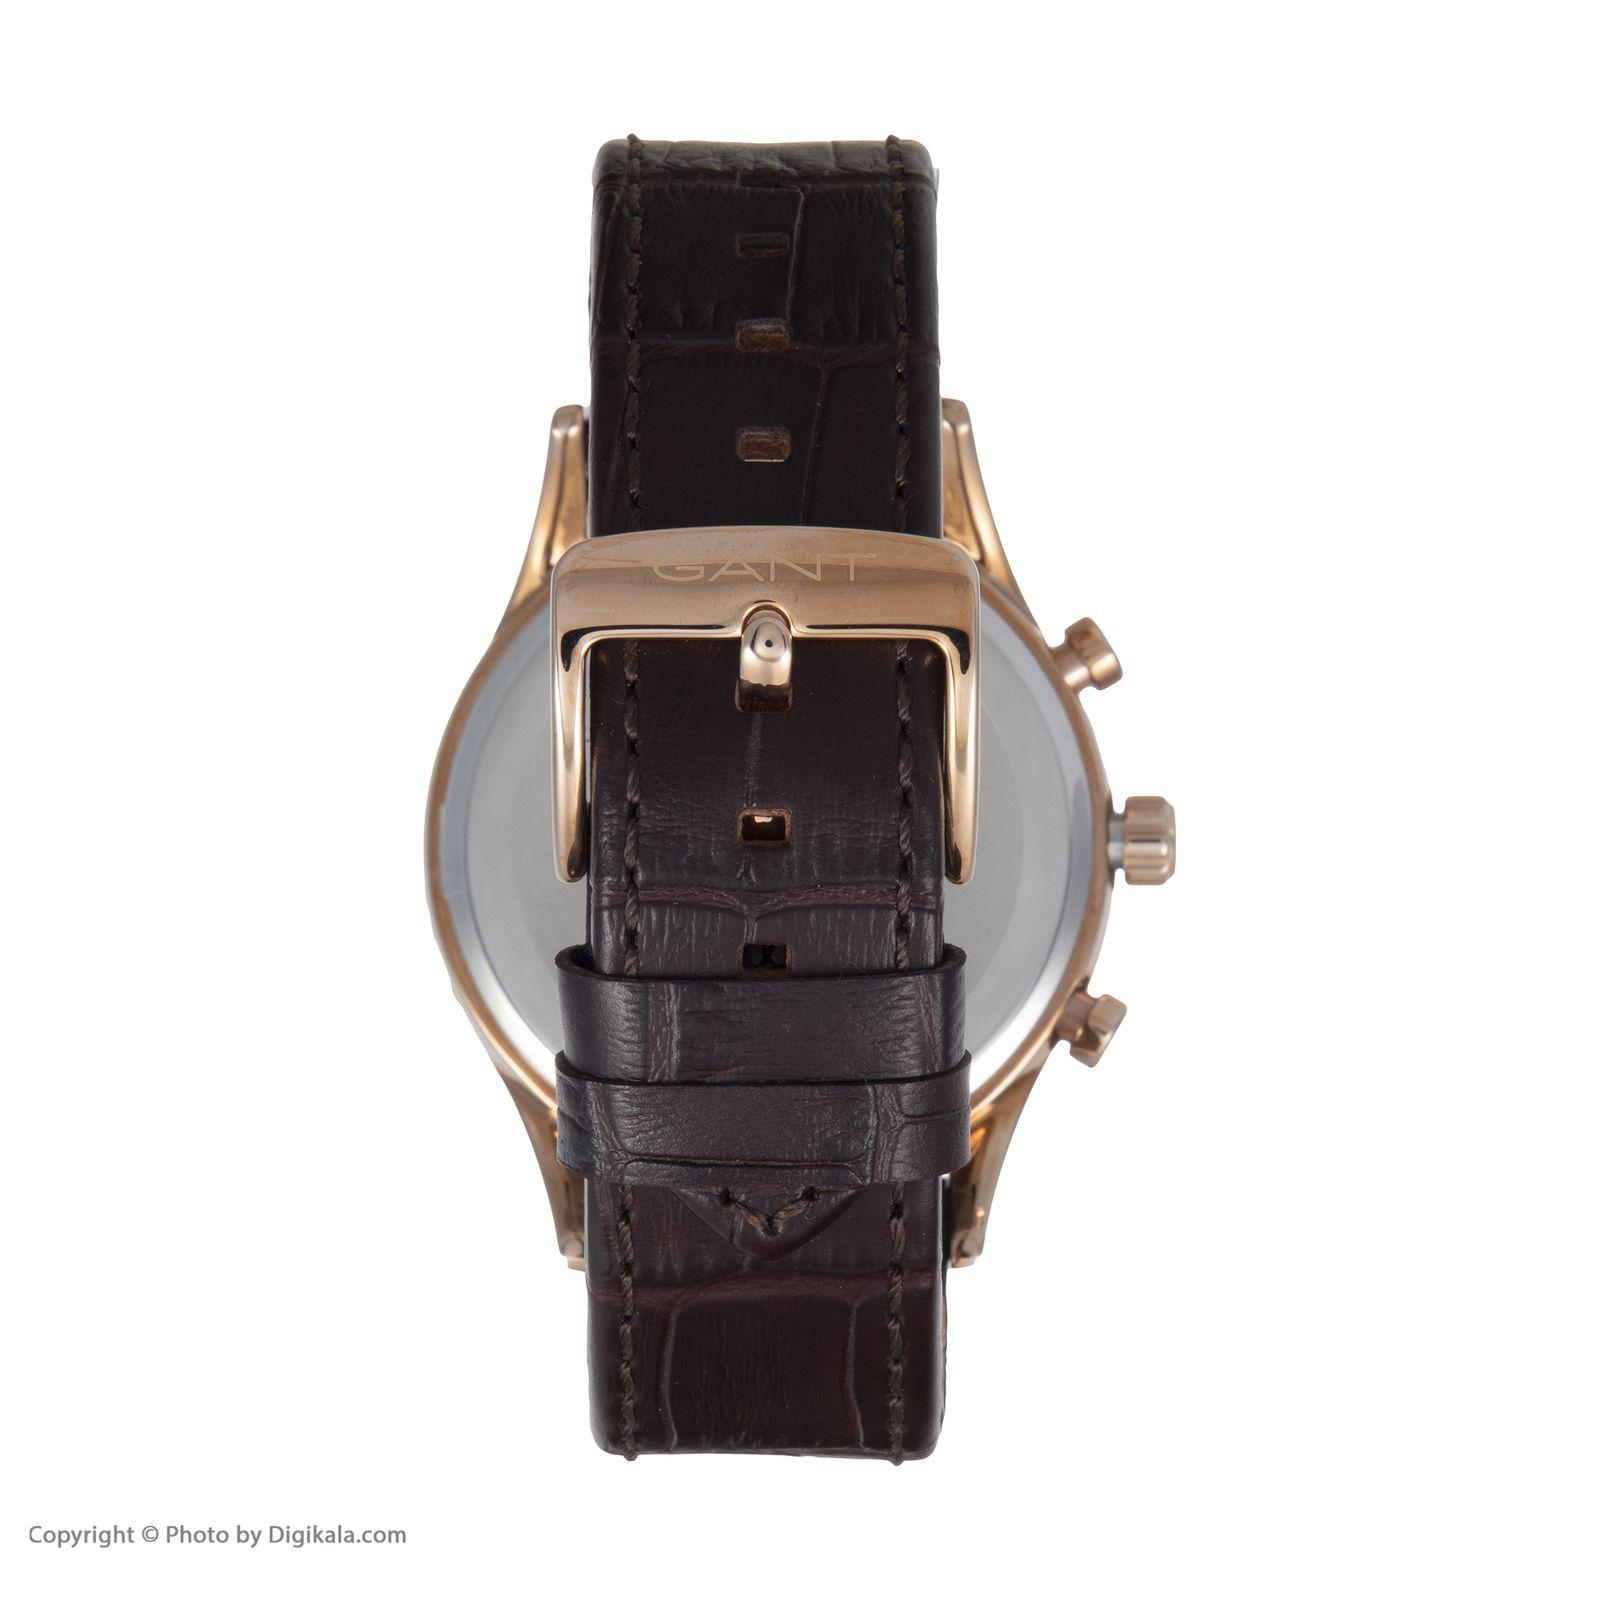 ساعت مچی عقربه ای مردانه گنت مدل GWW005003 -  - 5